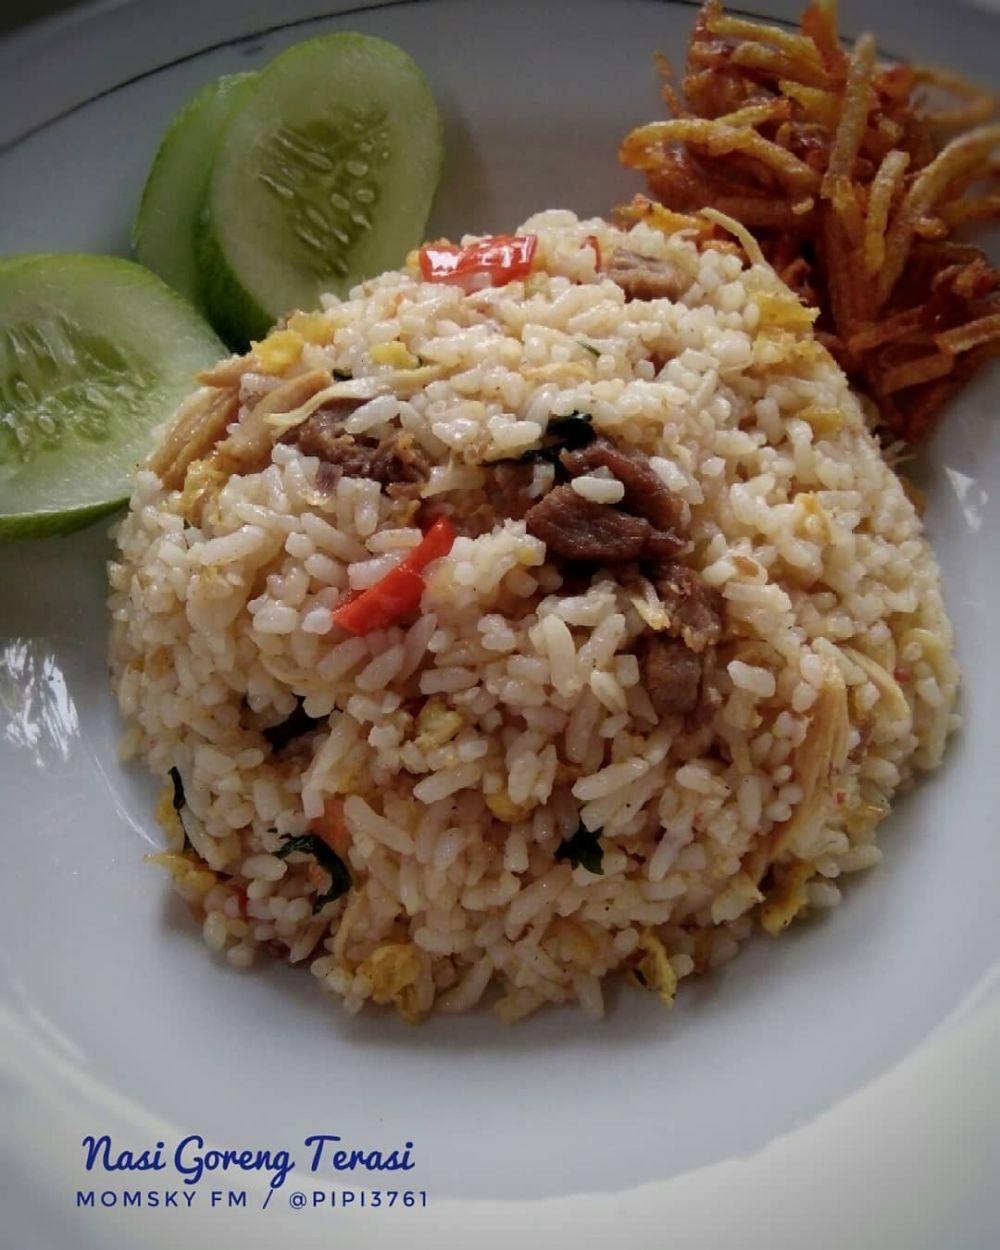 Resep Nasi Goreng Rumahan : resep, goreng, rumahan, Resep, Goreng, Rumahan,, Mudah, Dibuat, Instagram, Goreng,, Masakan,